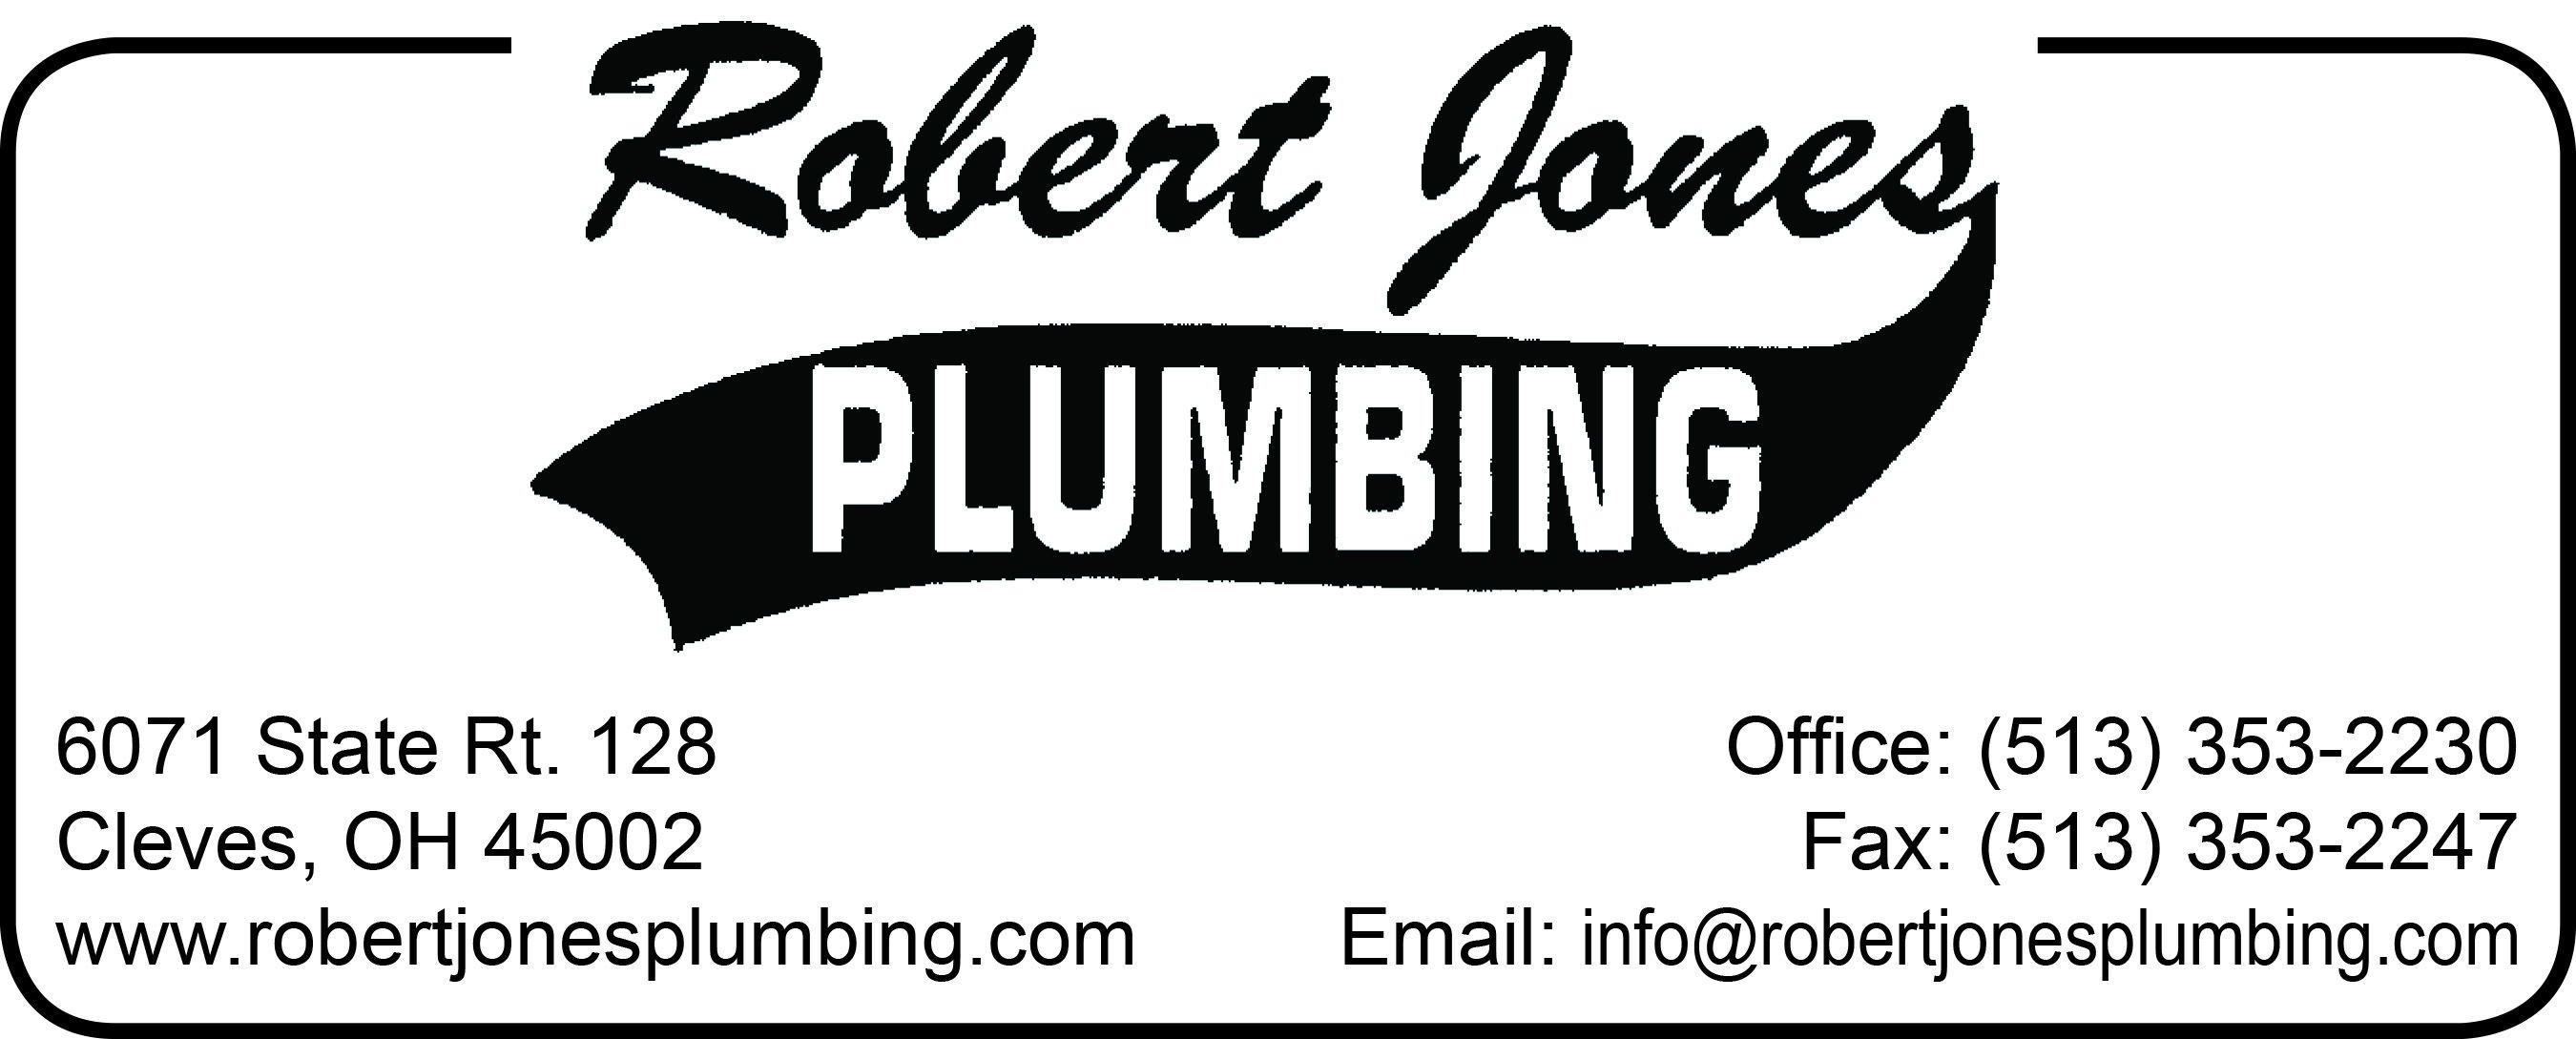 Robert Jones Plumbing Inc In Cleves Ohio Book Publishing